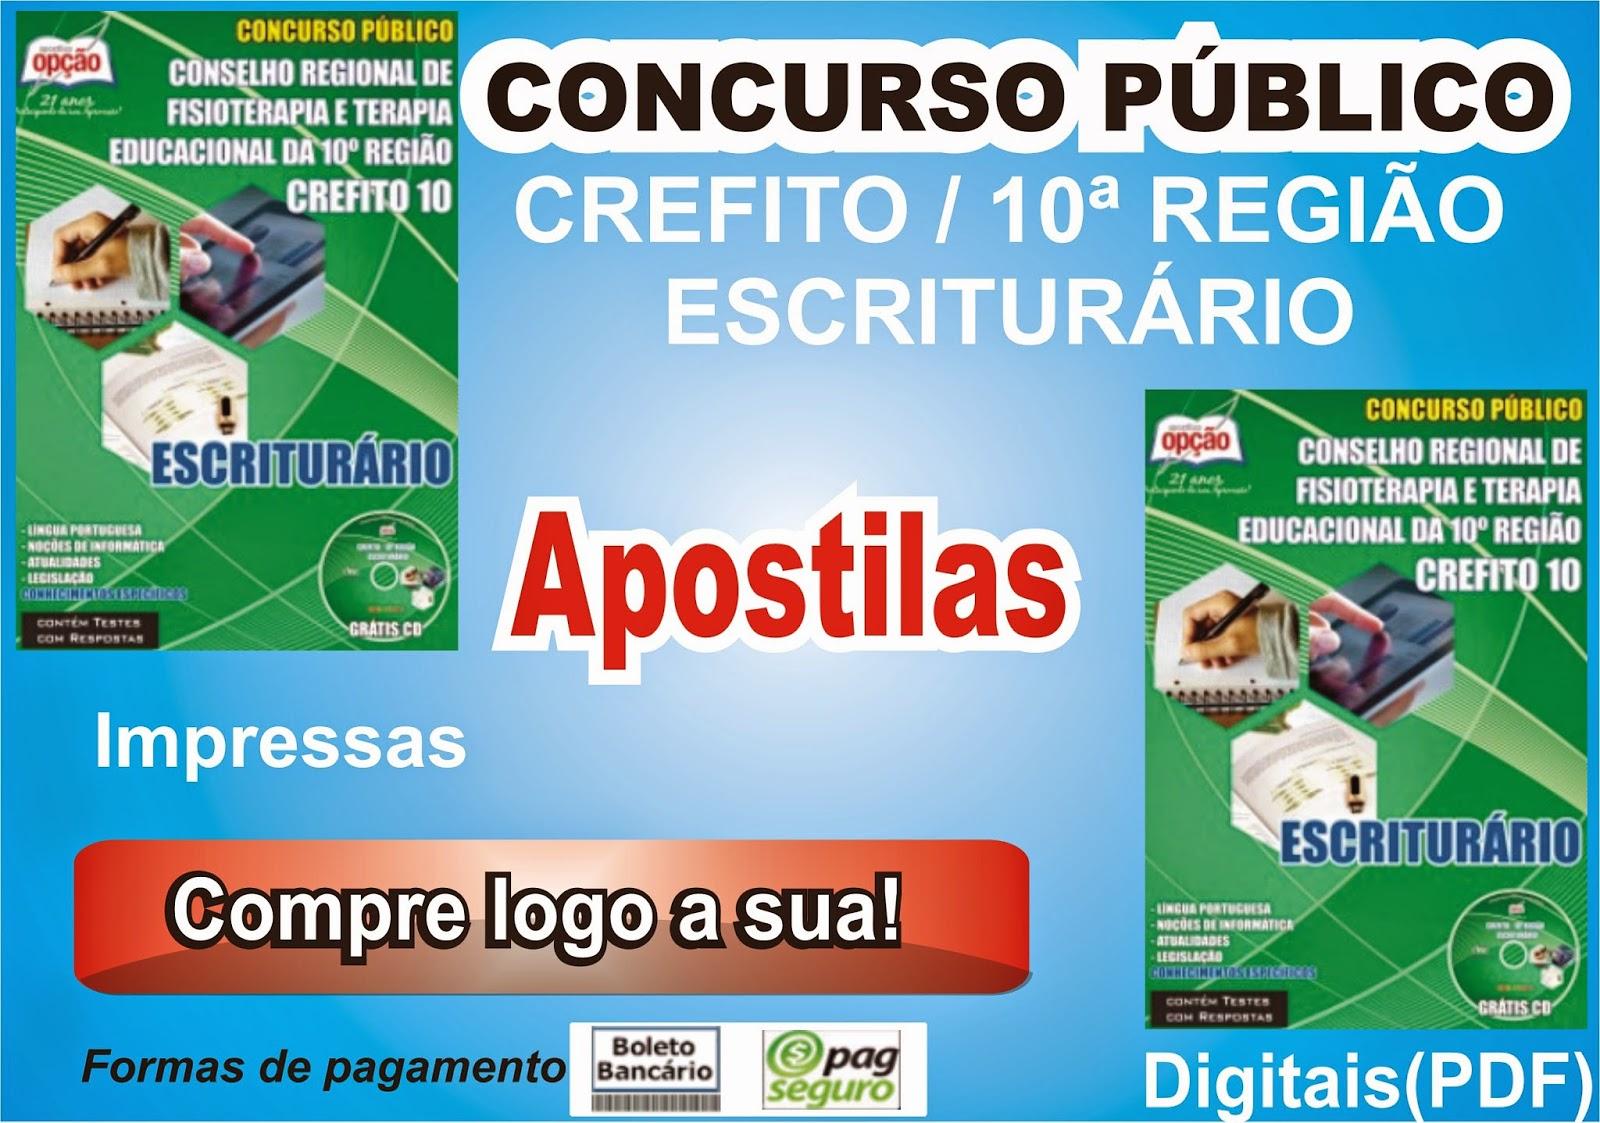 http://www.apostilasopcao.com.br/apostilas/1325/2308/crefito-10-regiao/escriturario.php?afiliado=2561